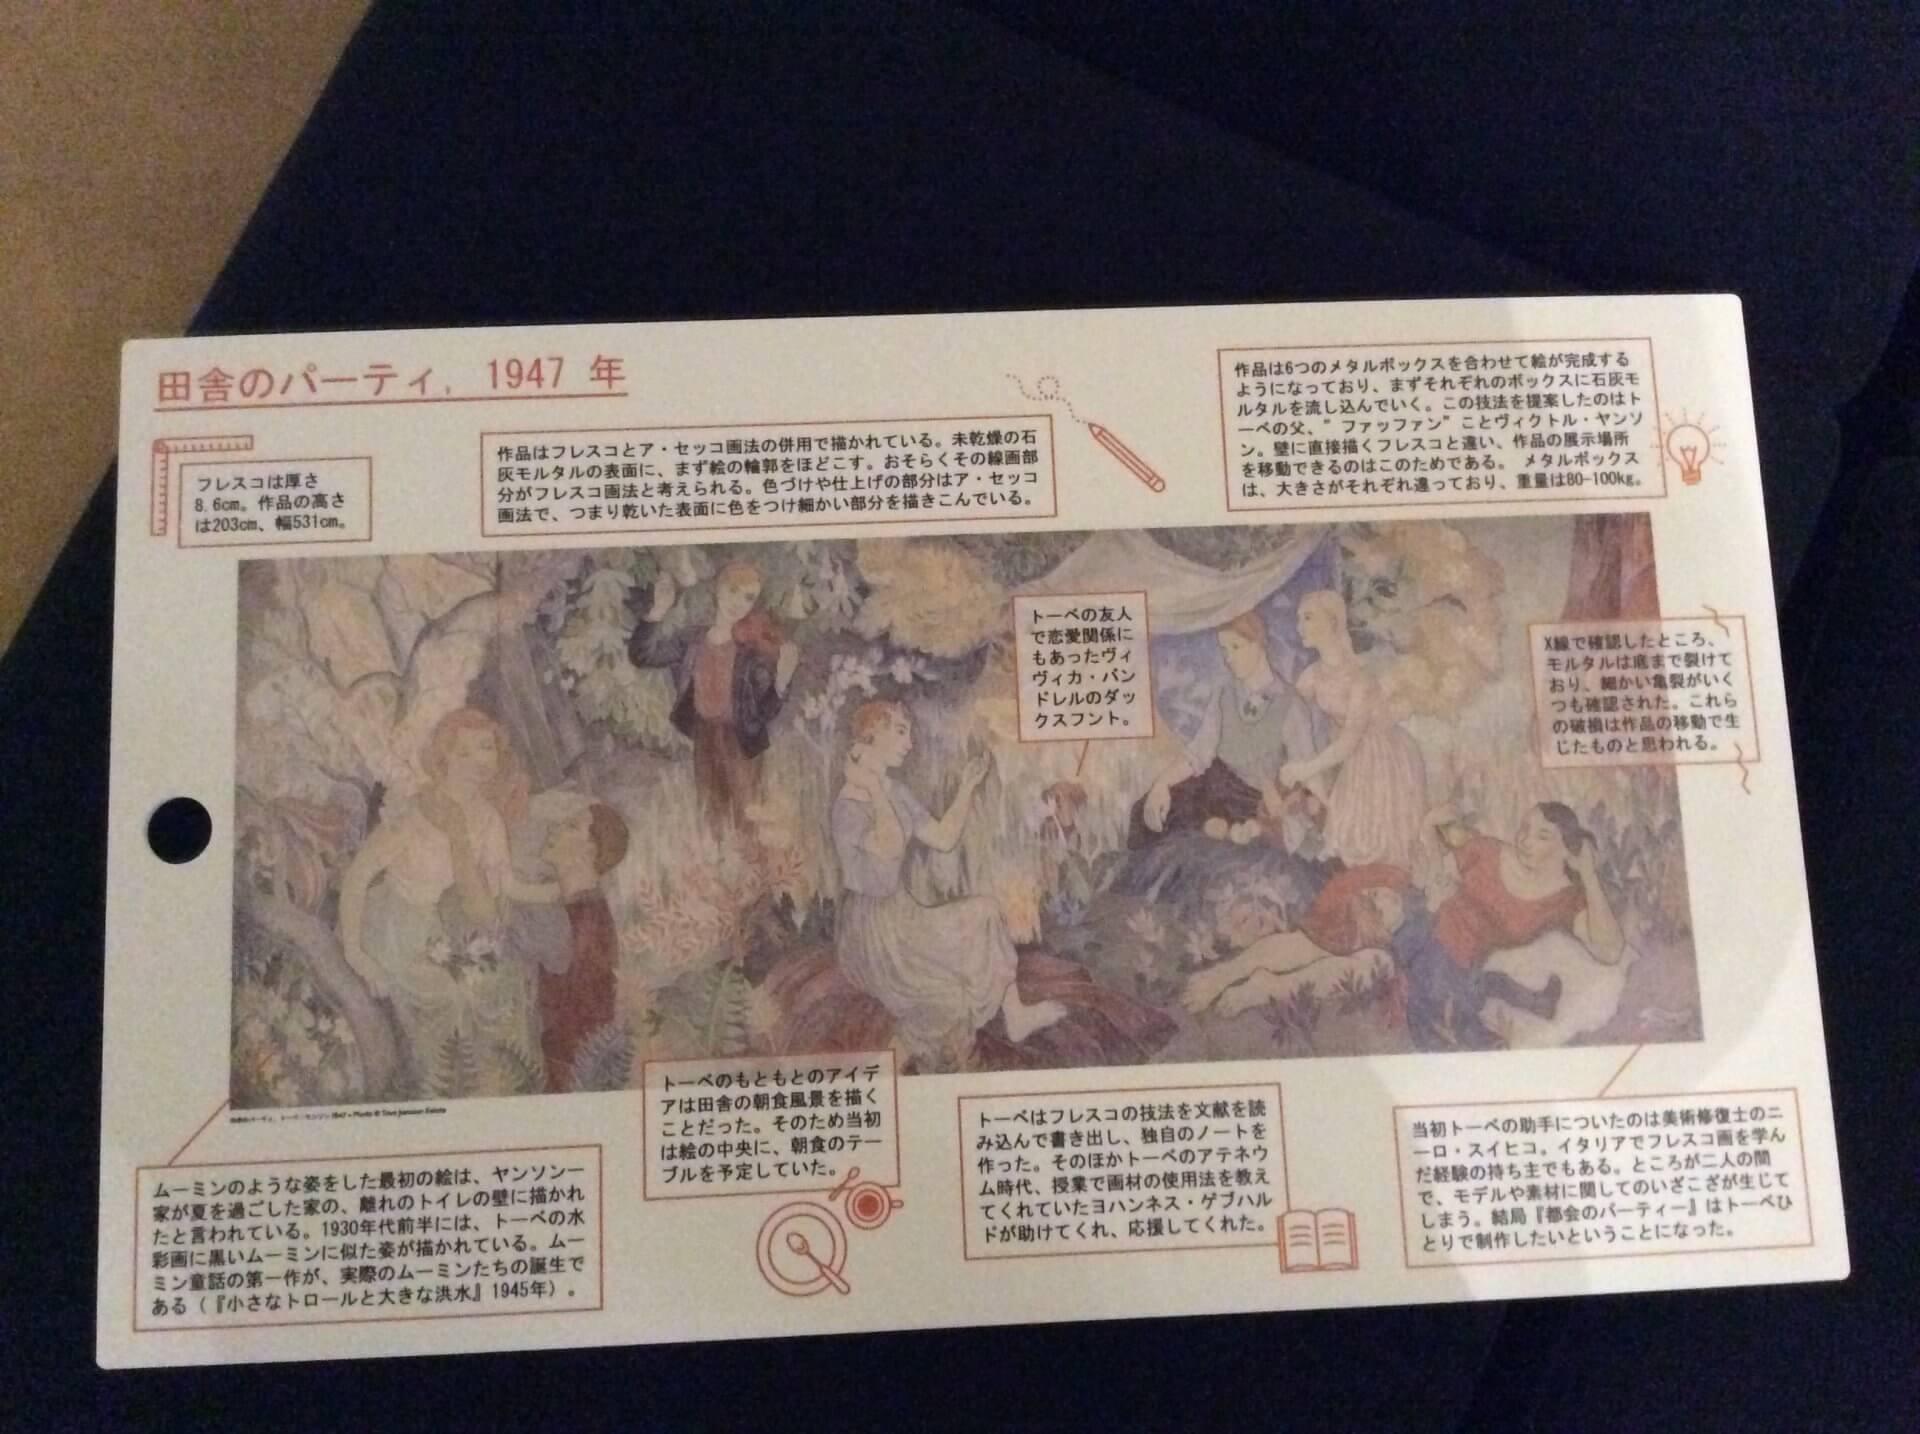 「田舎のパーティ」に関する日本語の説明文